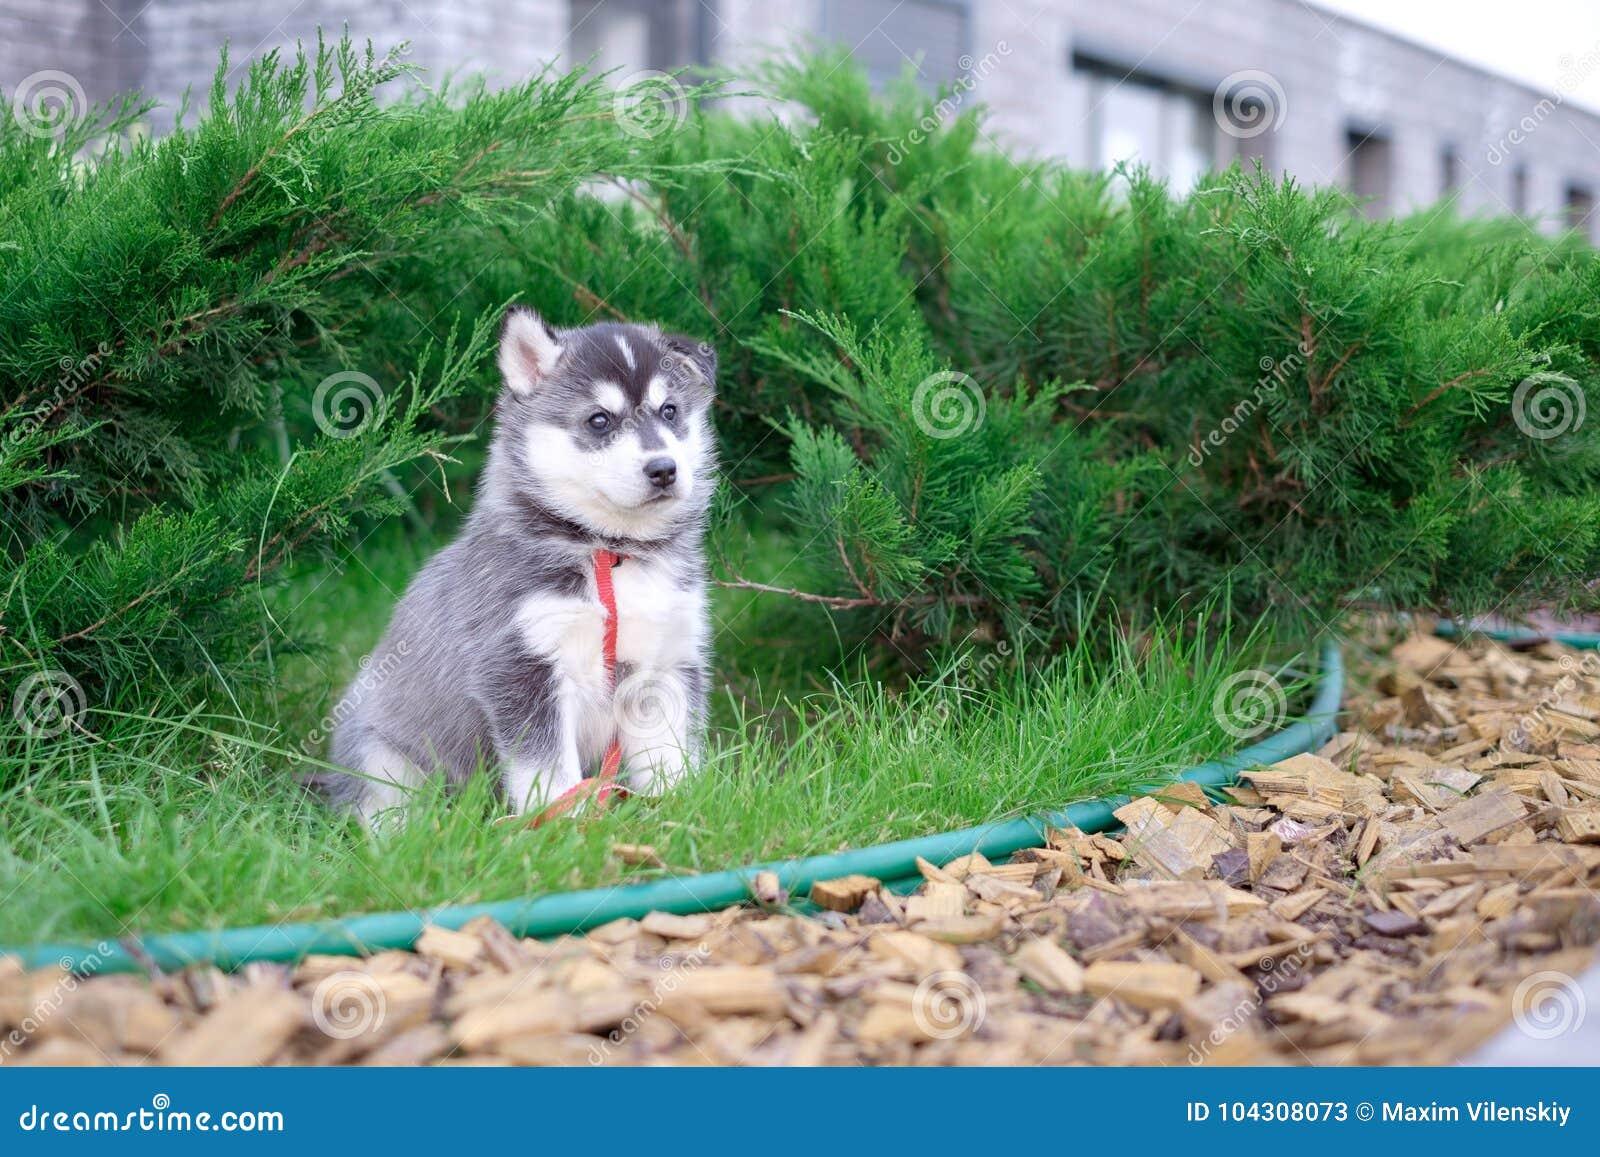 Лайка собаки щенка ждет на улице, с космосом экземпляра для текста, сиротливая концепция влюбленности